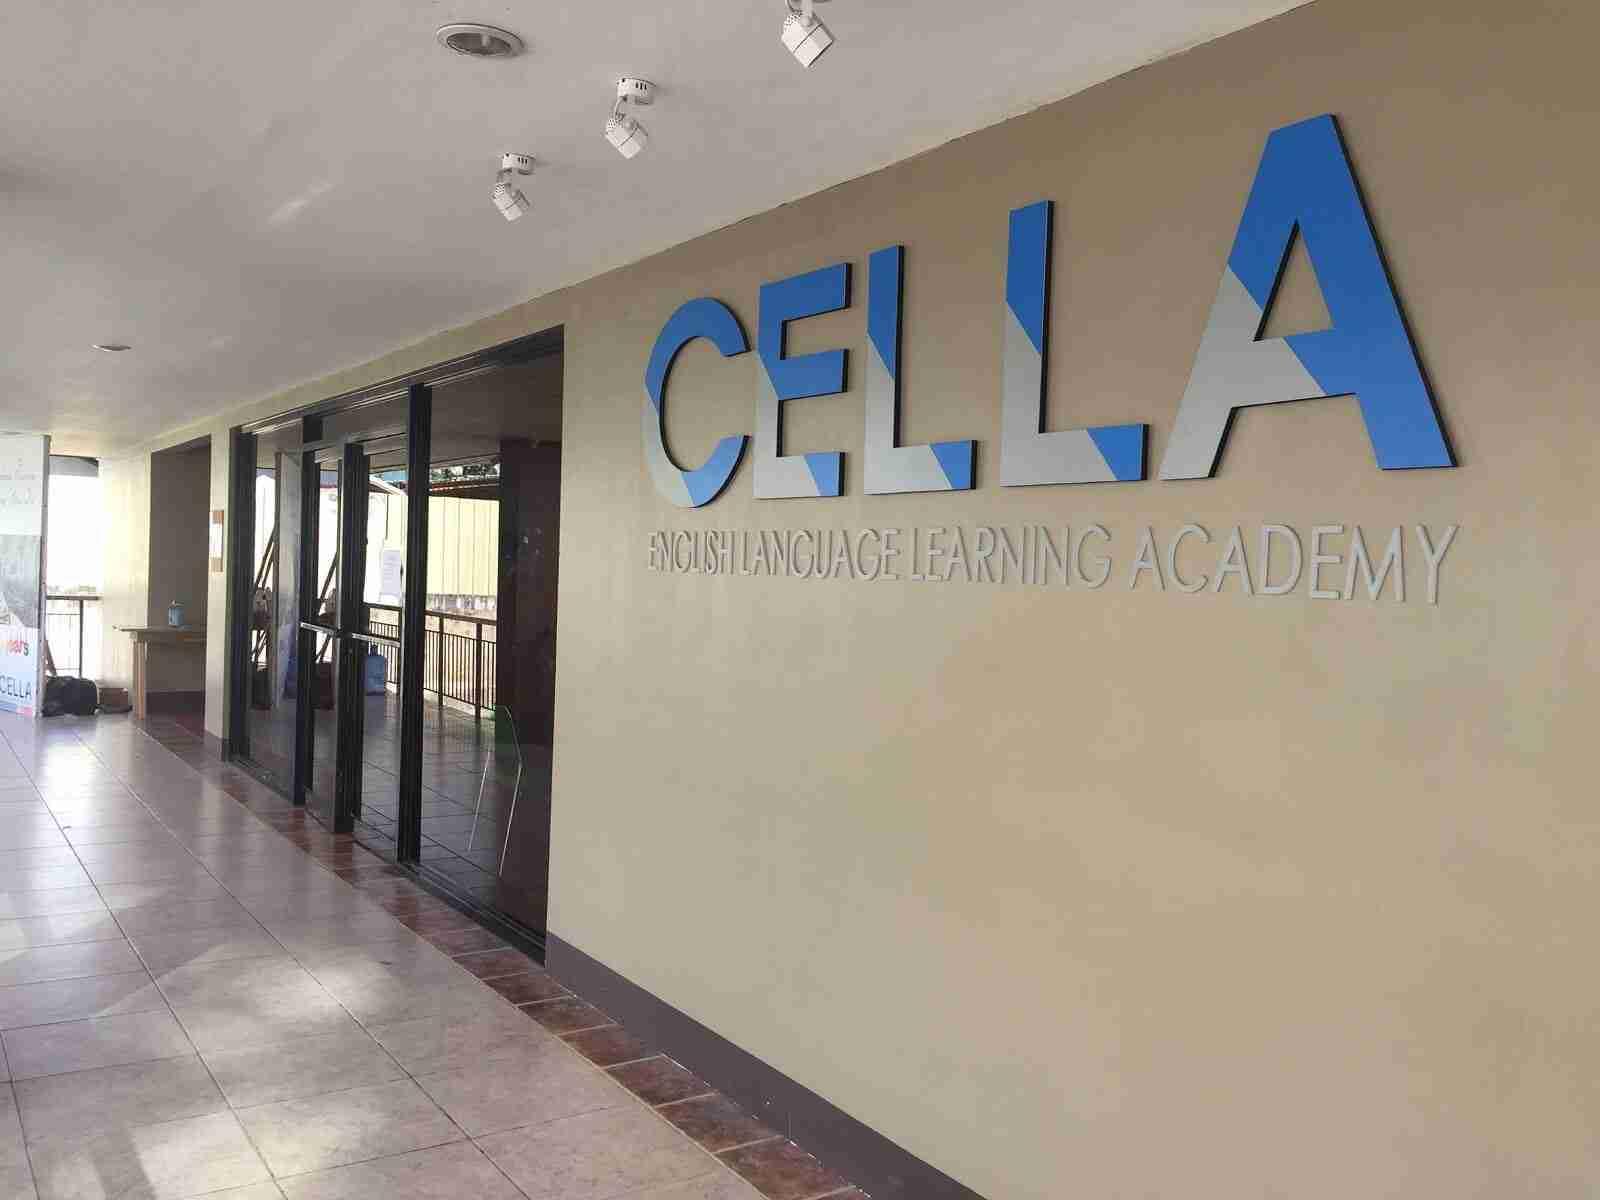 cella campus